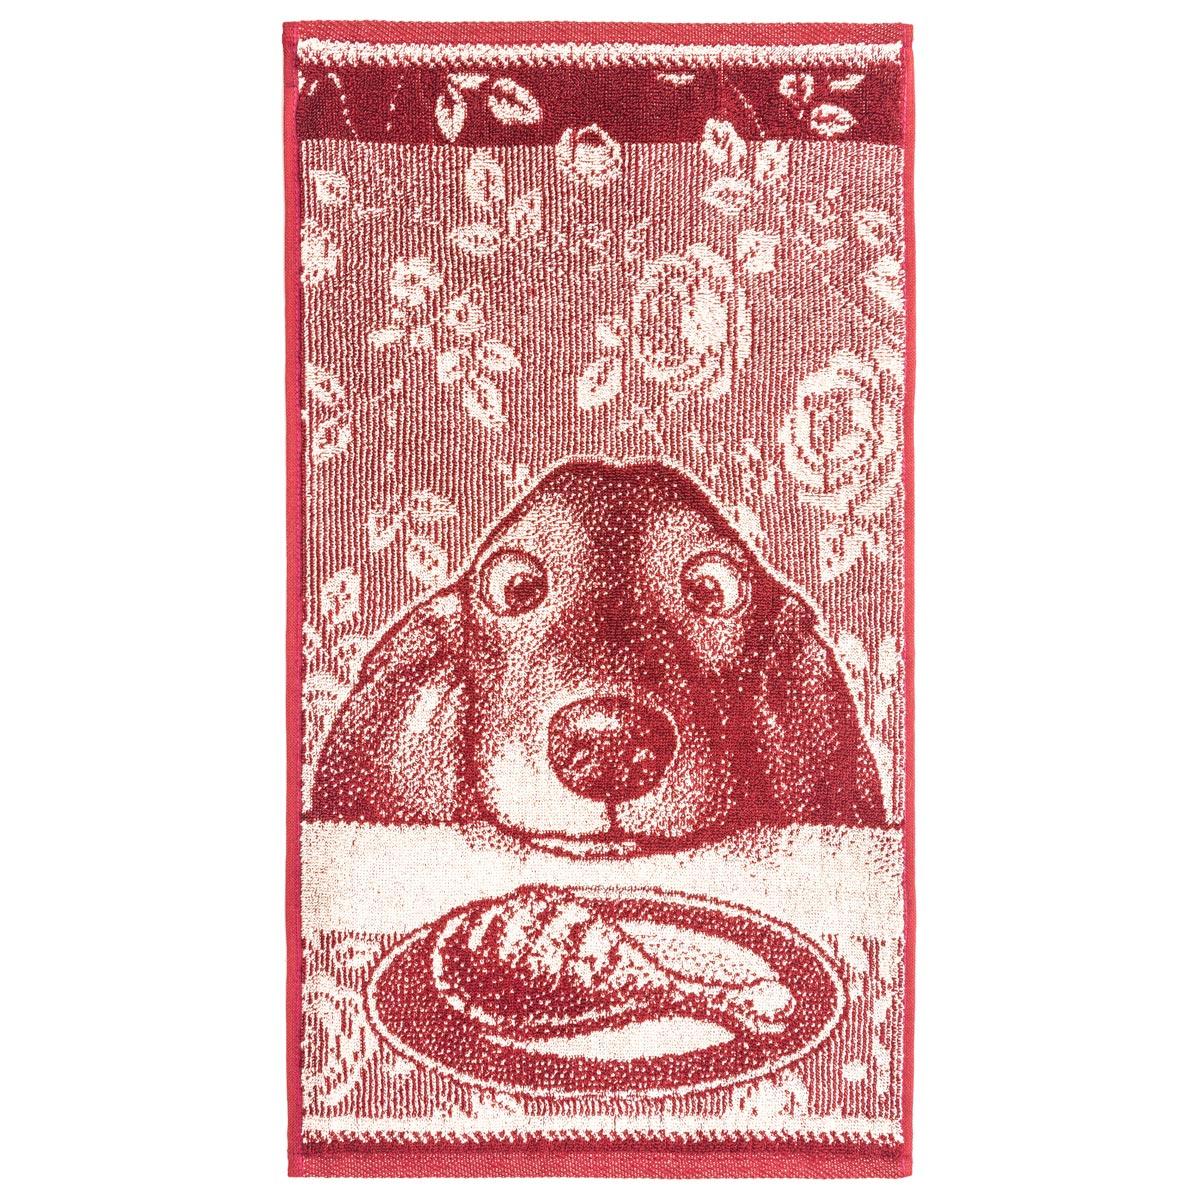 Полотенце арт. 04-0085 р. 30х60Махровые полотенца<br>Плотность ткани:380-400 г/кв. м<br><br>Тип: Полотенце<br>Размер: 30х60<br>Материал: Махра